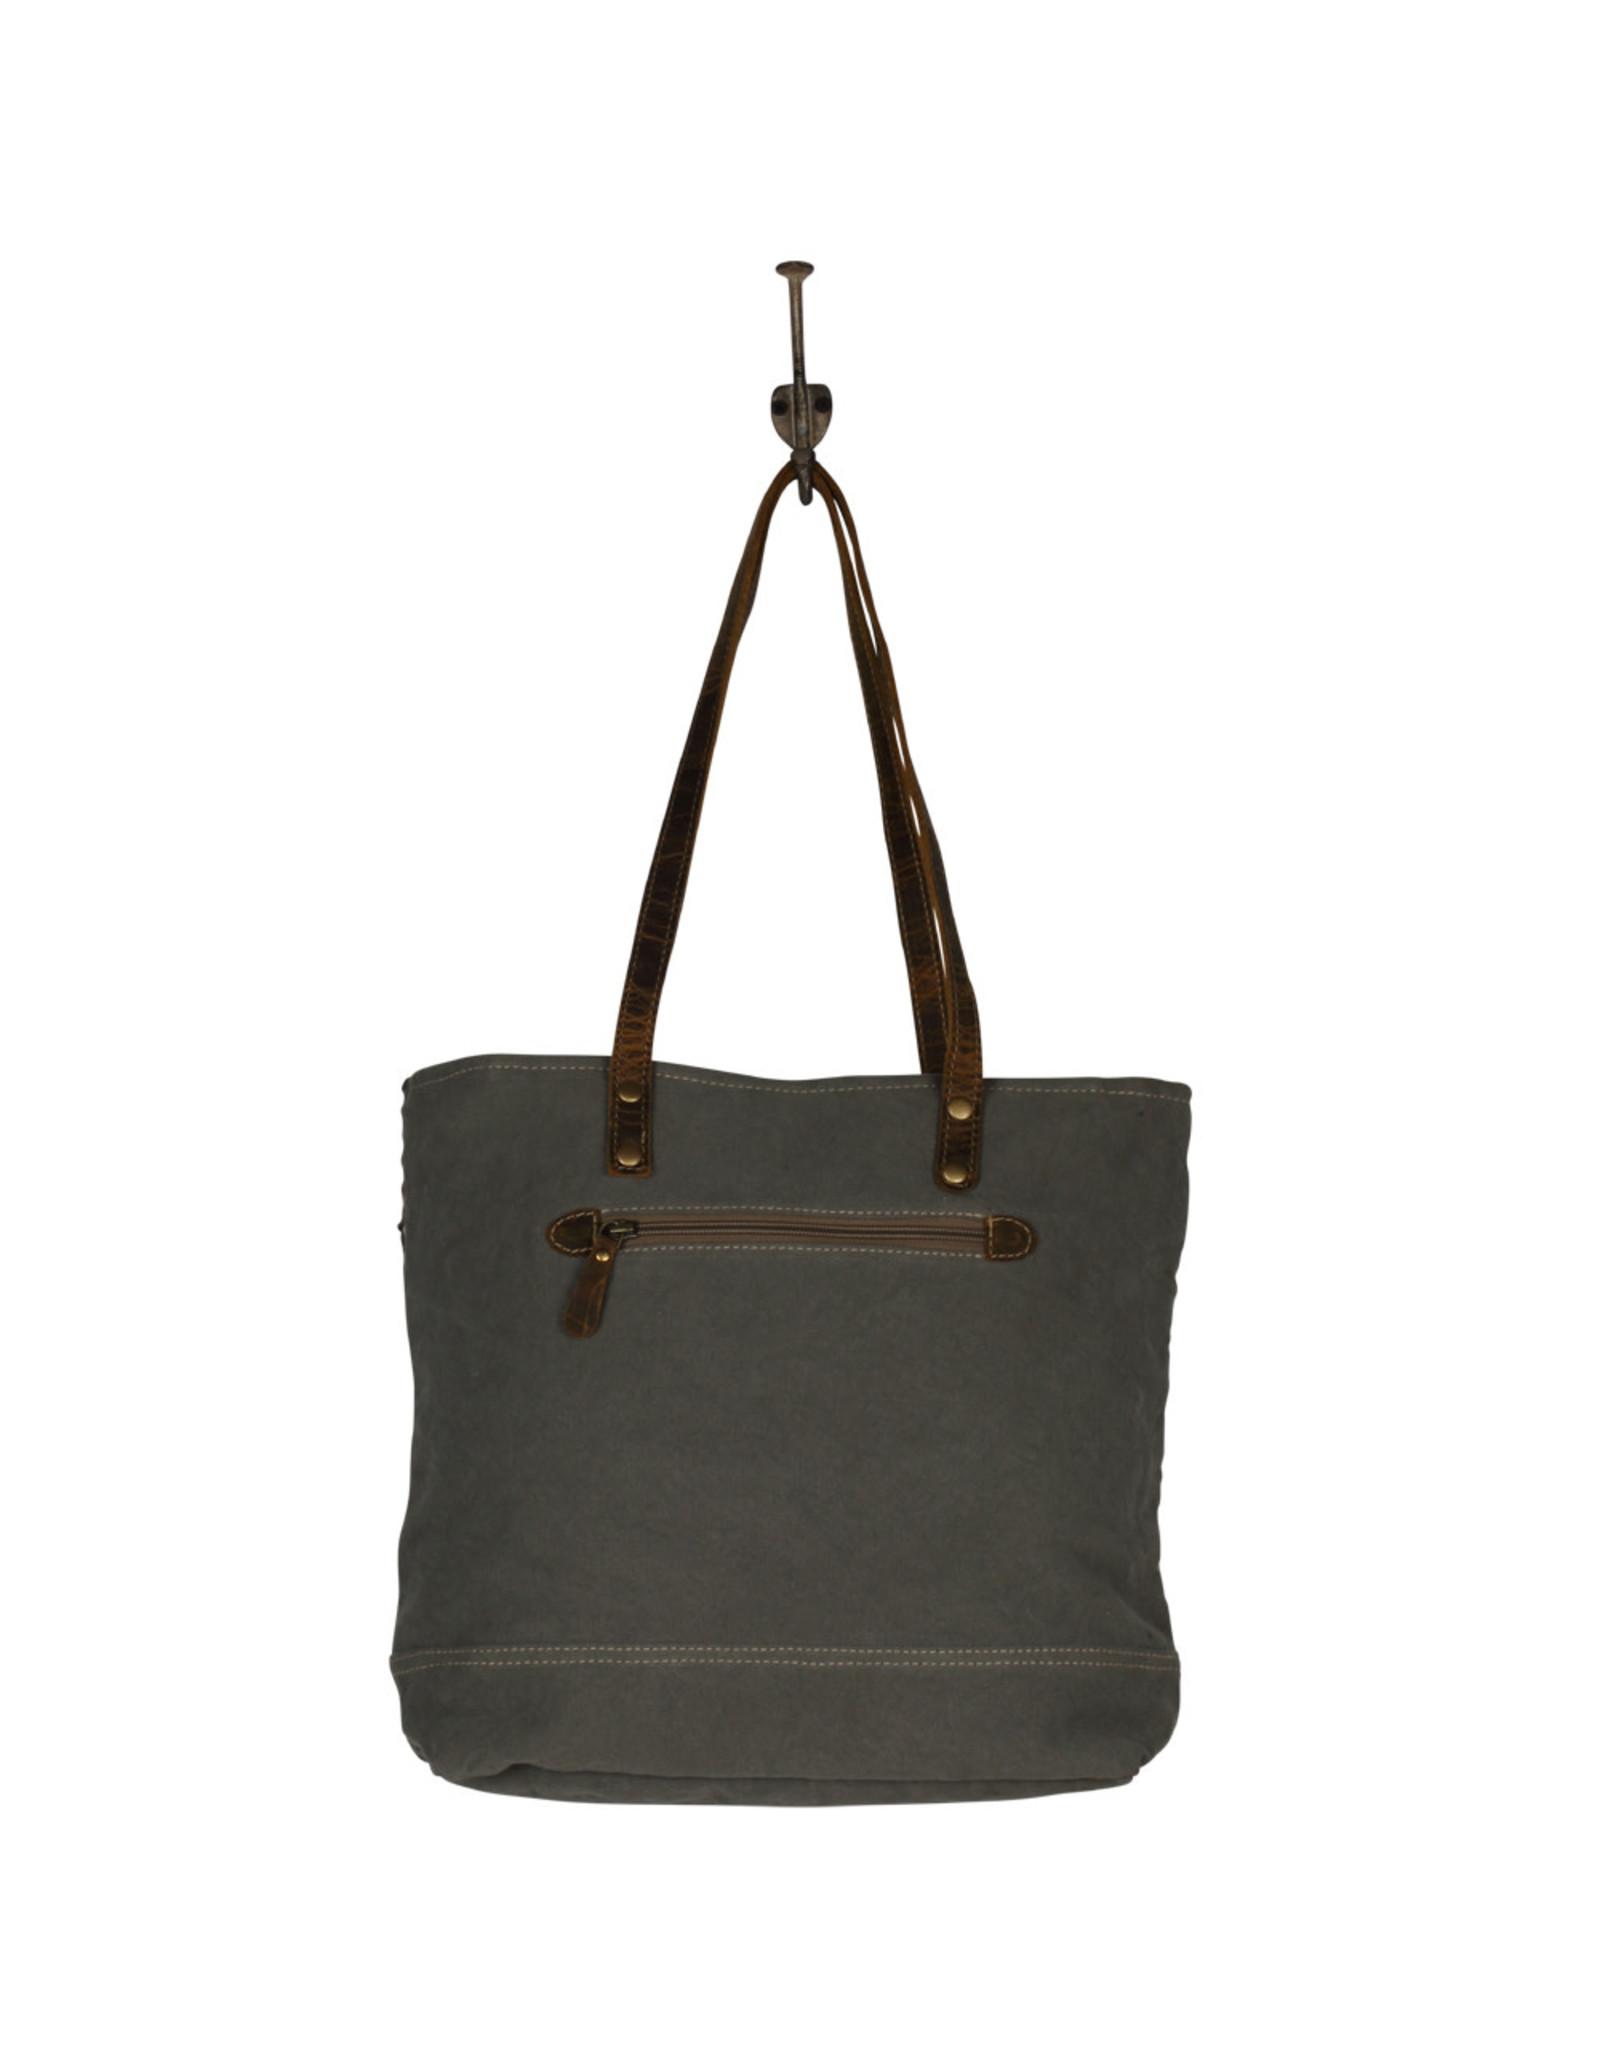 Myra Bags S-2087 Tic Tac Toe Tote Bag